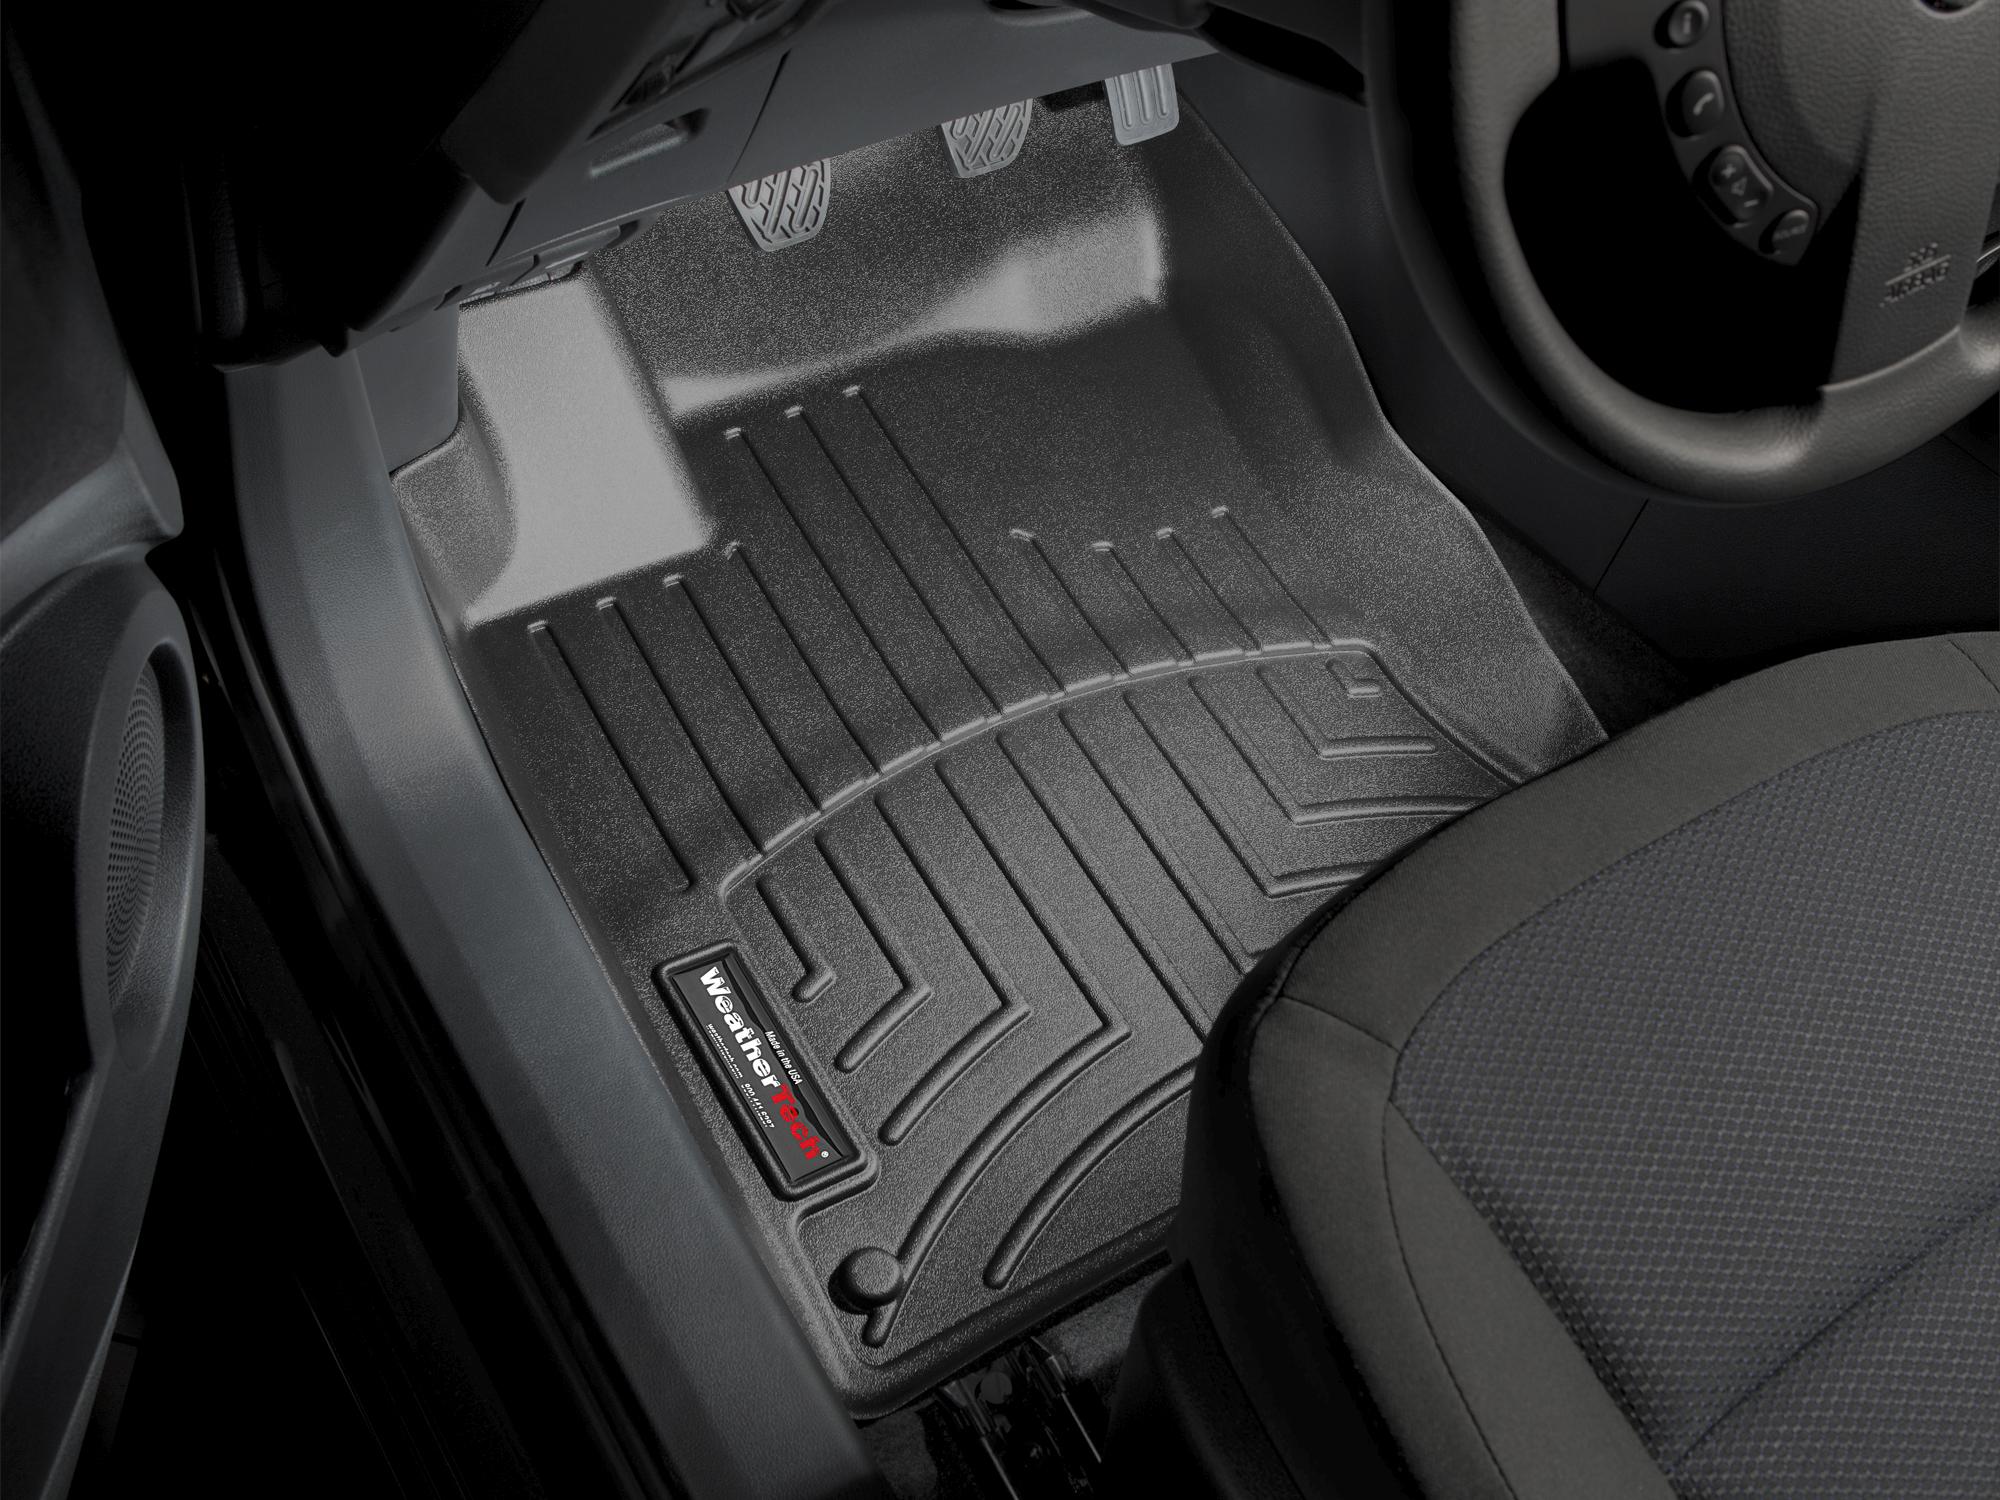 Tappeti gomma su misura bordo alto Nissan Qashqai +2 09>12 Nero A2912